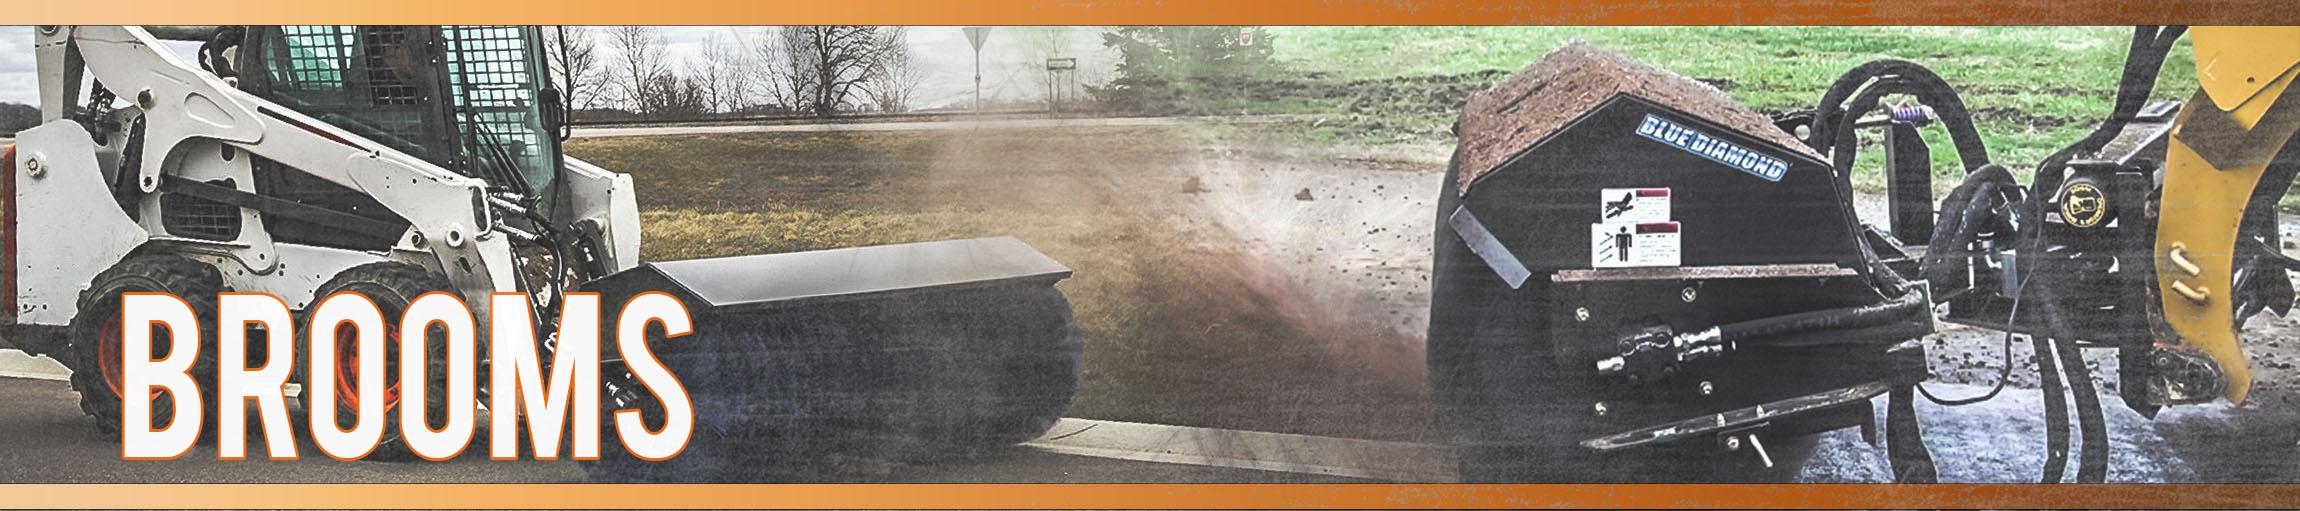 Skid Steer Push Broom Angle Broom Pick Up Broom